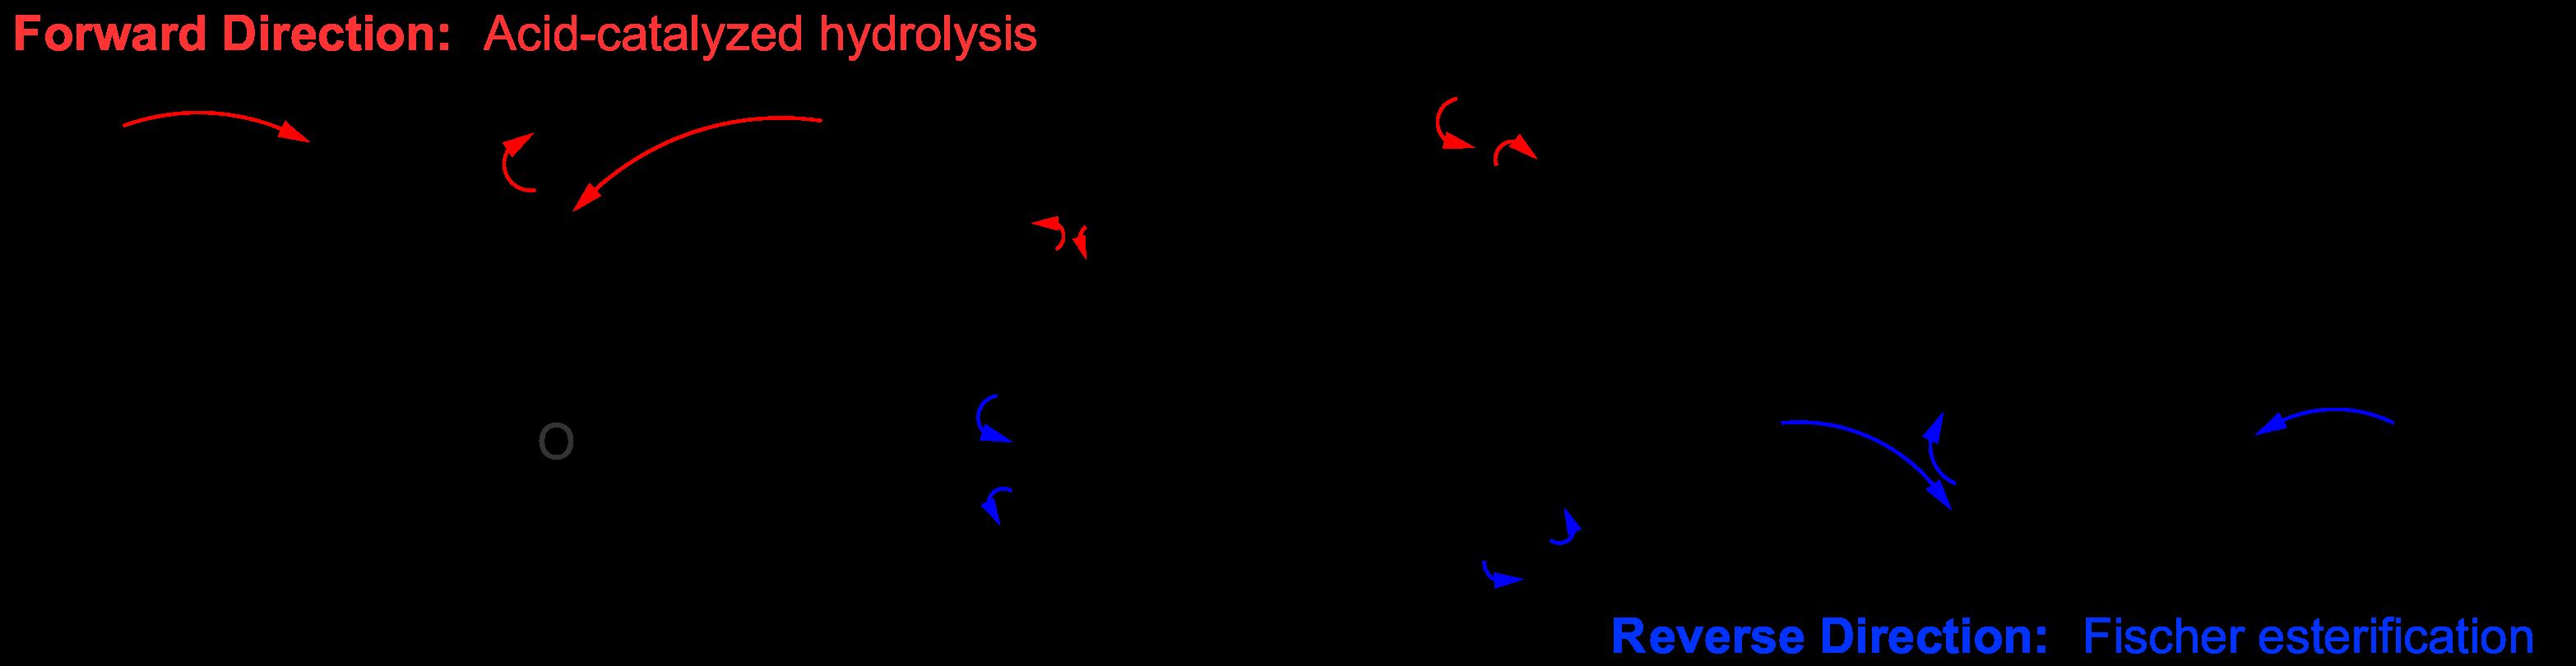 ester hydrolysis